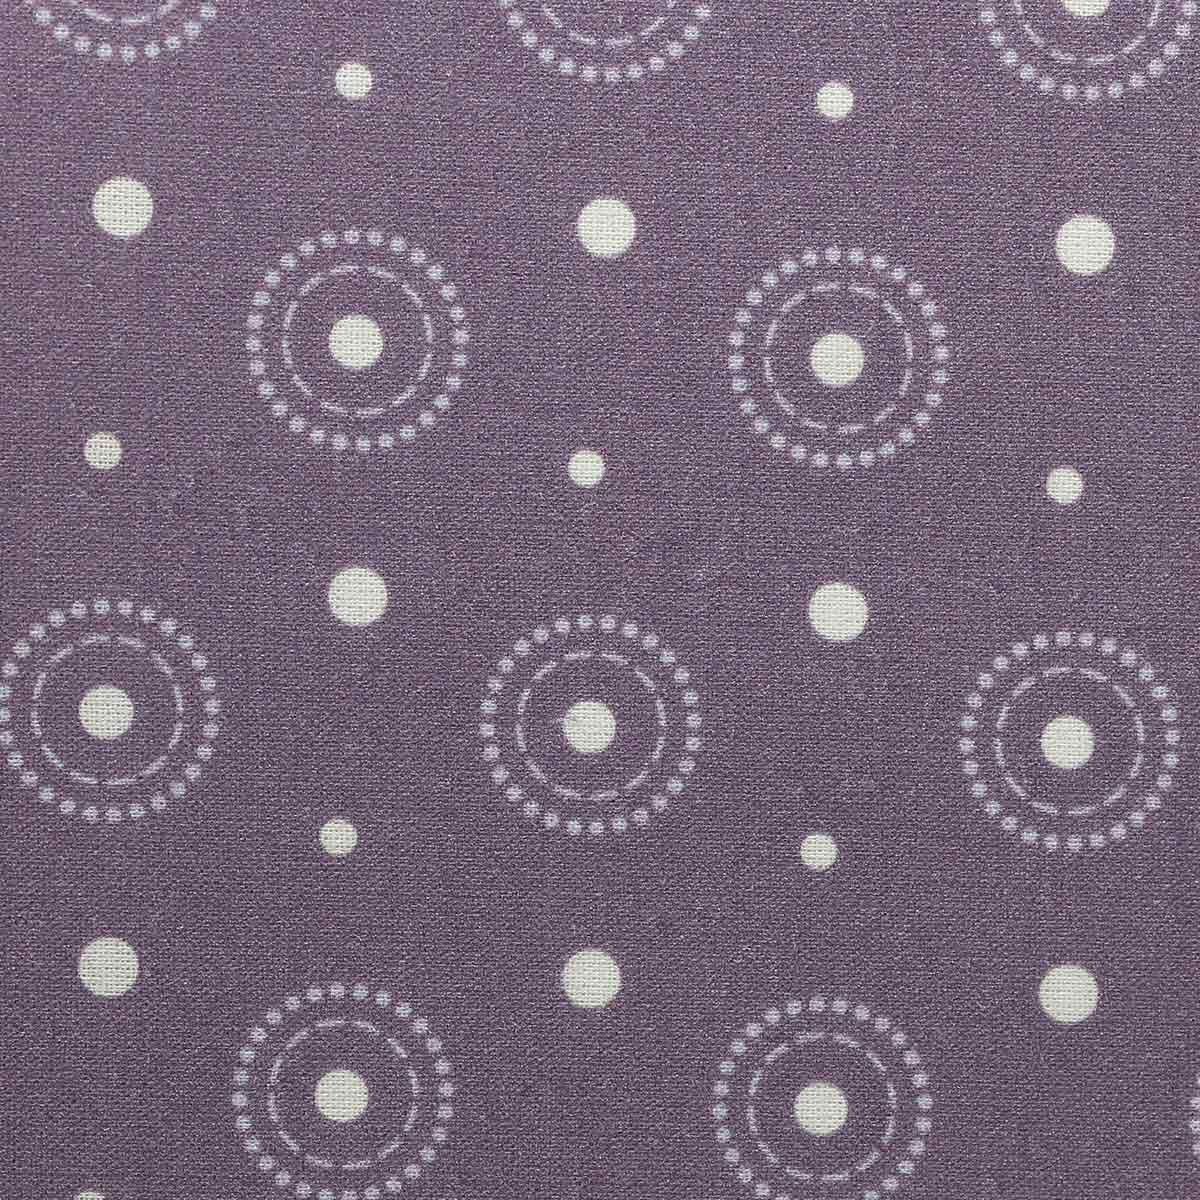 АМ592023 Ткань 'Разноцветные круги' №23, 100% хлопок, 120 г/м2, размер 48*50см